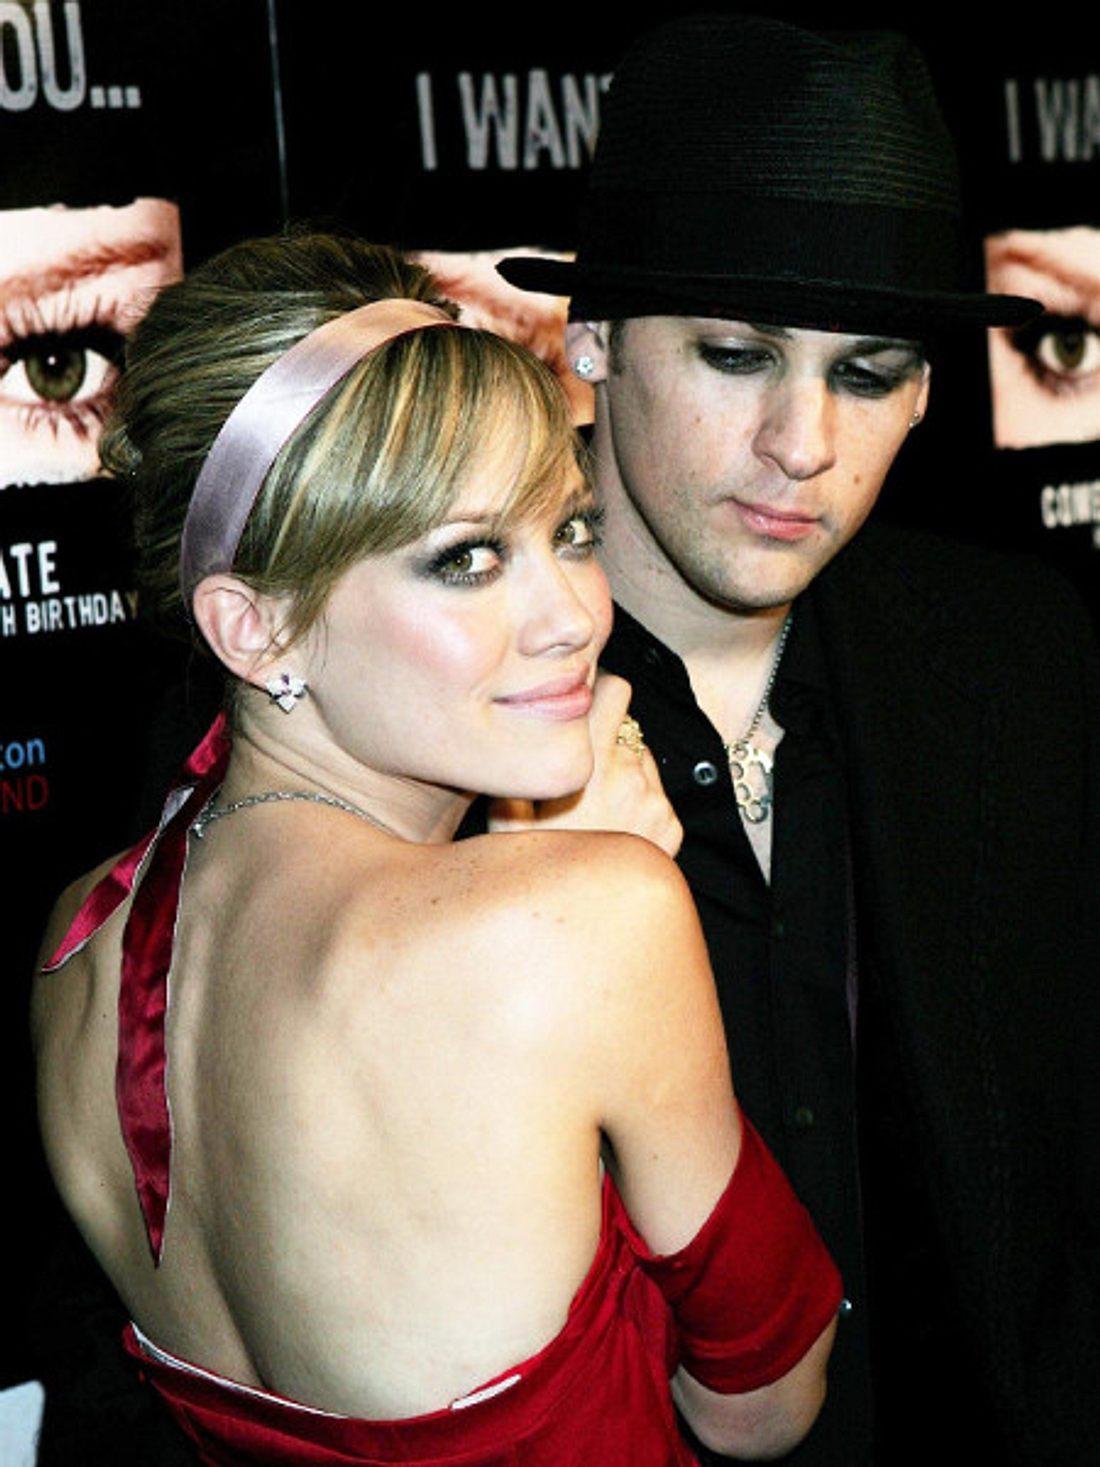 Bis 2006 waren Hilary Duff und Joel Madden ein Paar